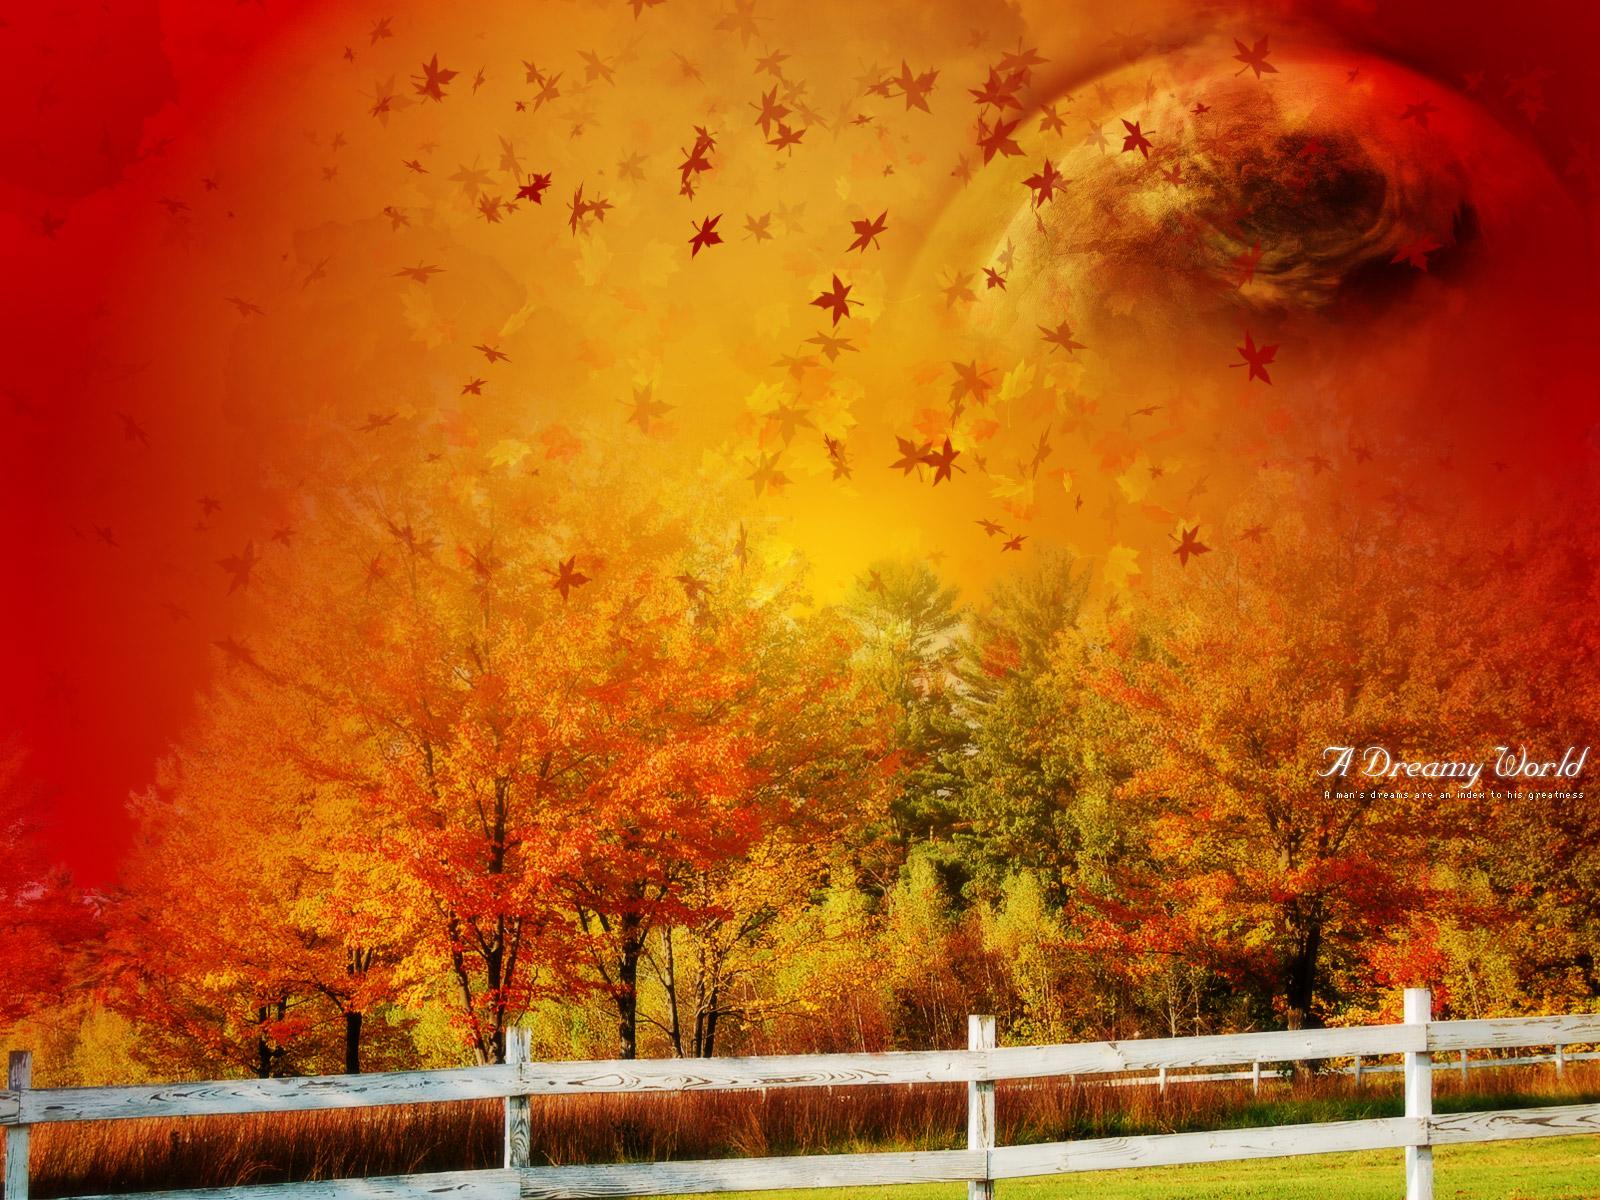 осень листопад, ветер, скачать фото, обои для рабочего стола